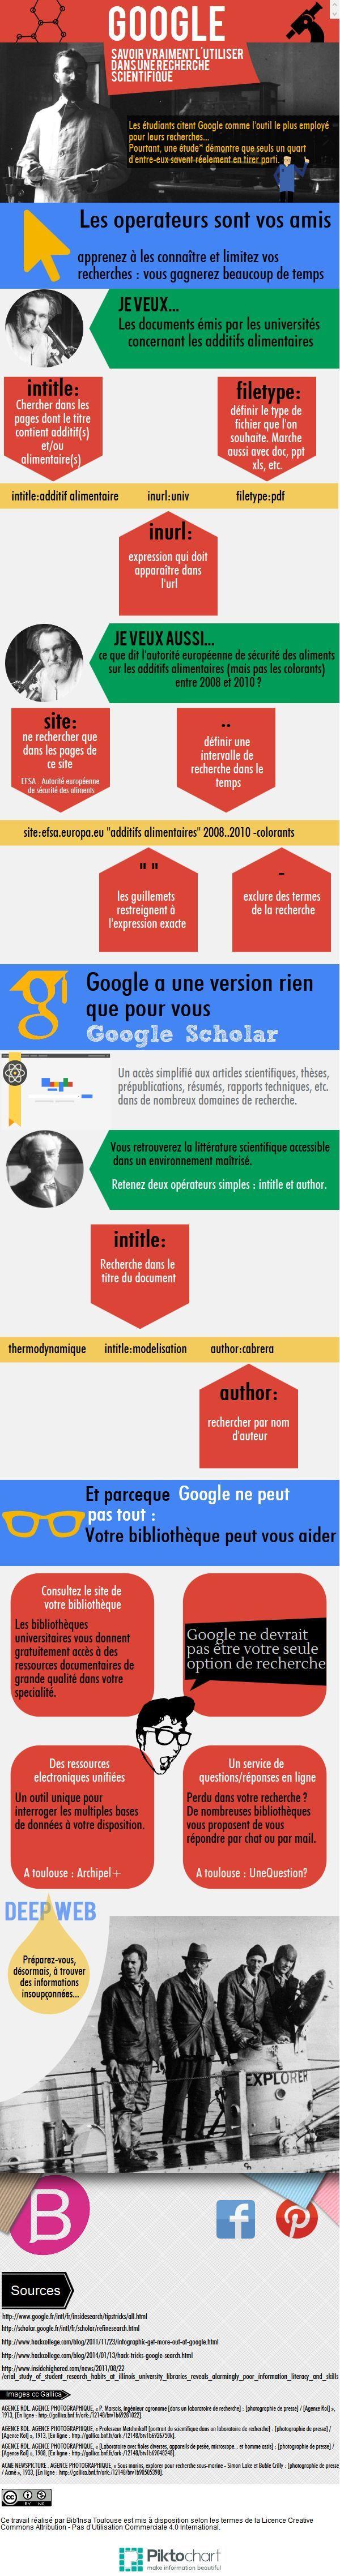 Comment bien utiliser Google dans une recherche scientifique ? [infographie] | Info Magazine